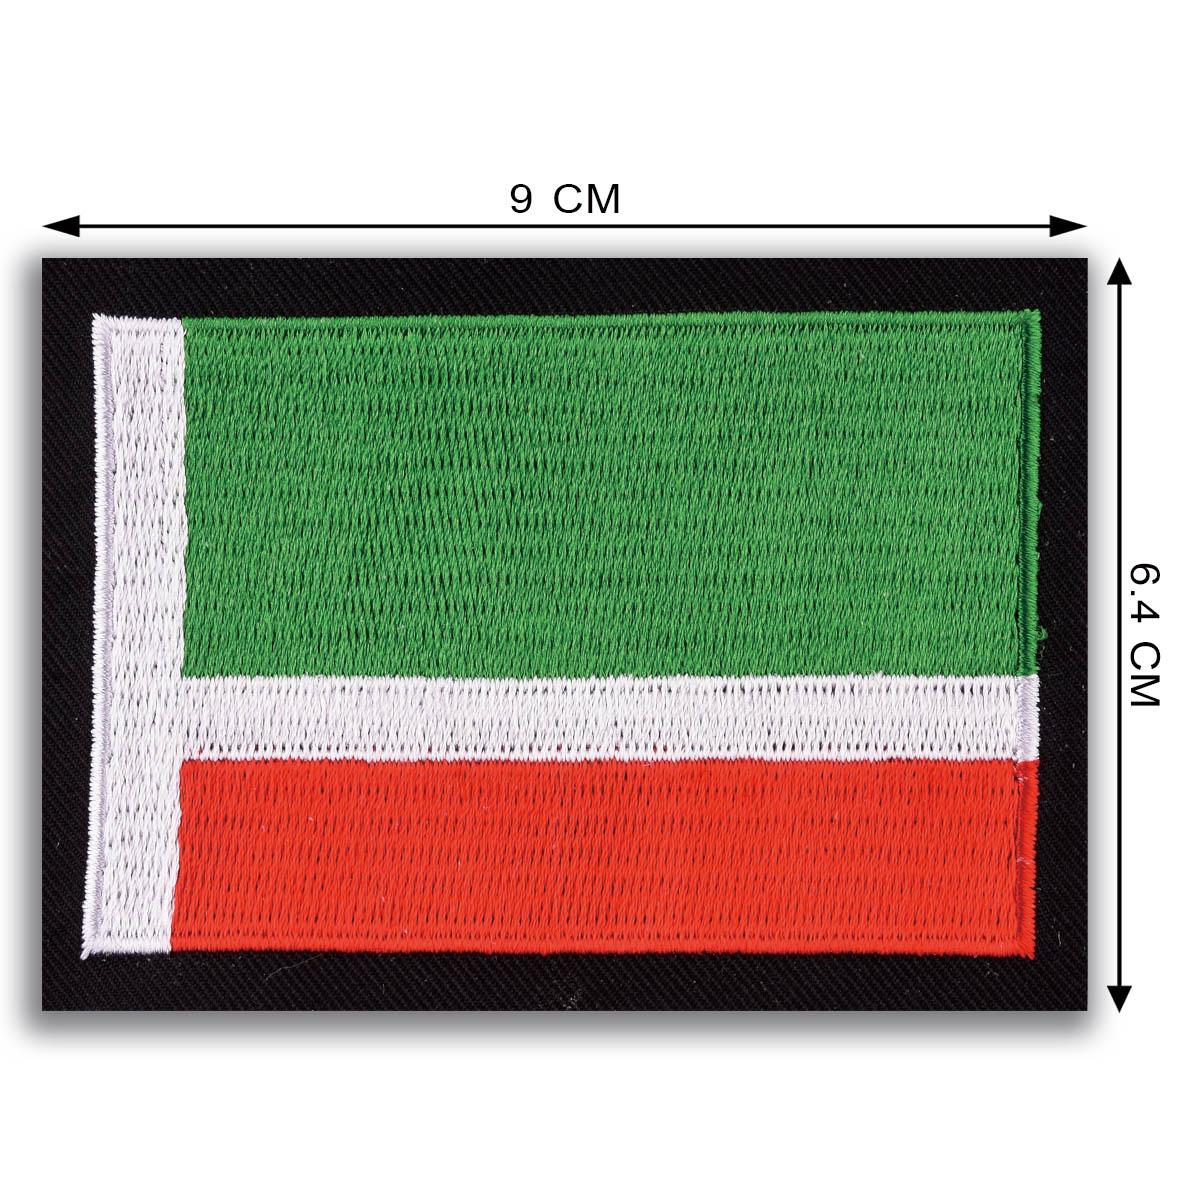 Мужская военная футболка с флагом Чечни